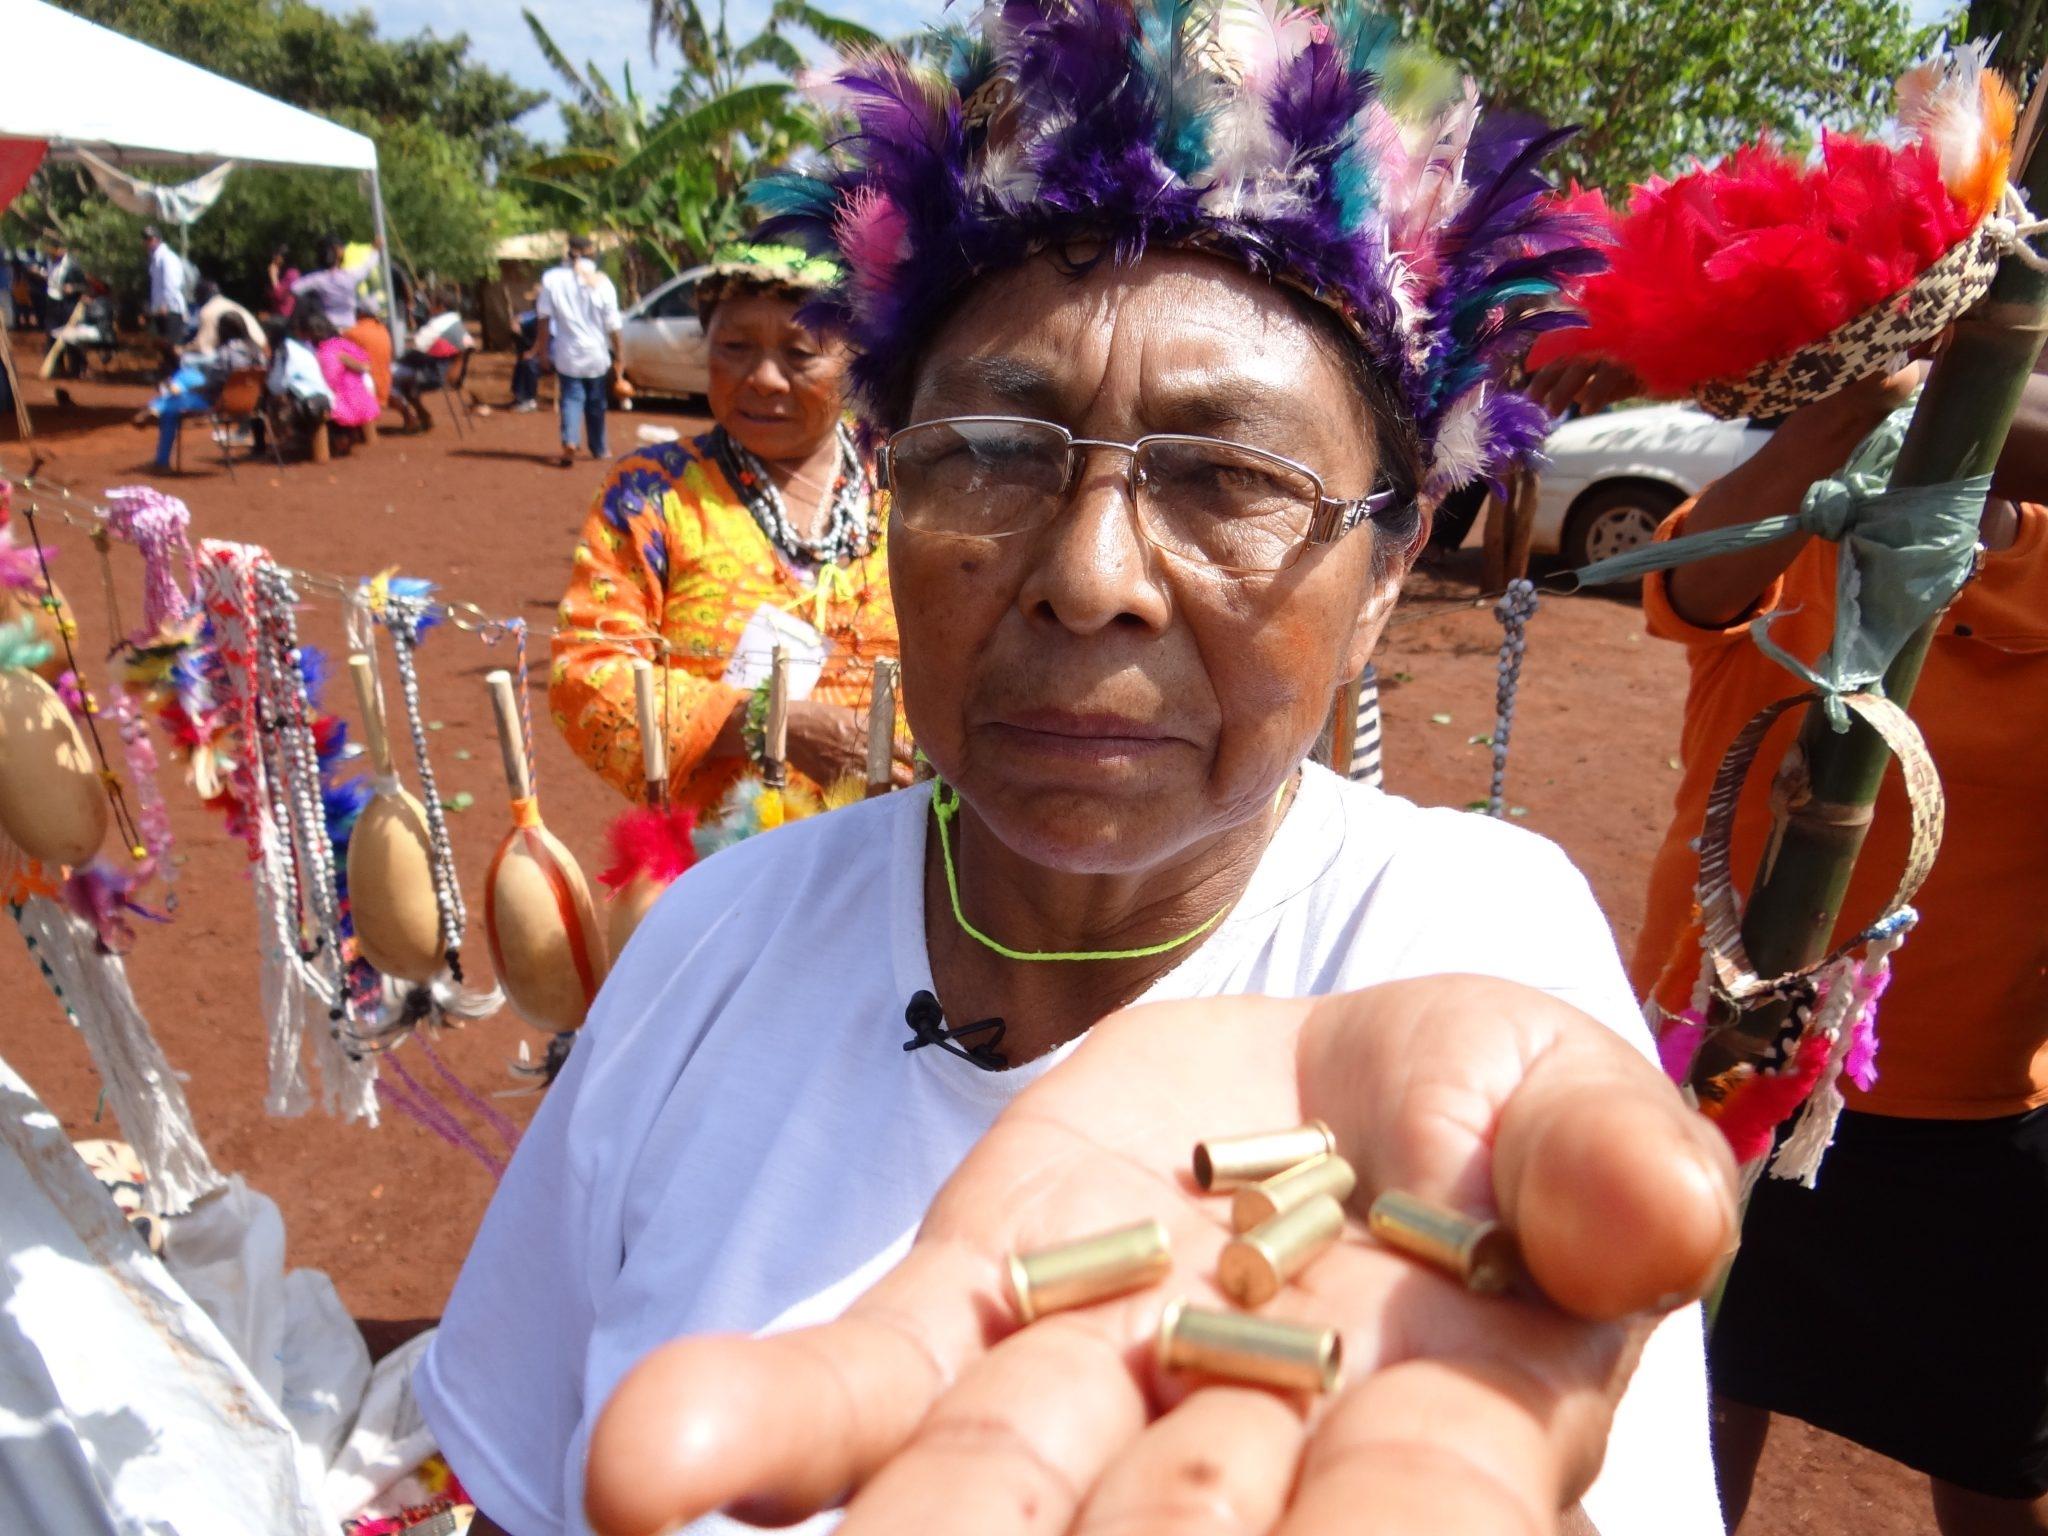 Indígena Kaiowá Priscila Maciel Duarte Lopes posa para foto em Caarapó, Mato Grosso do Sul